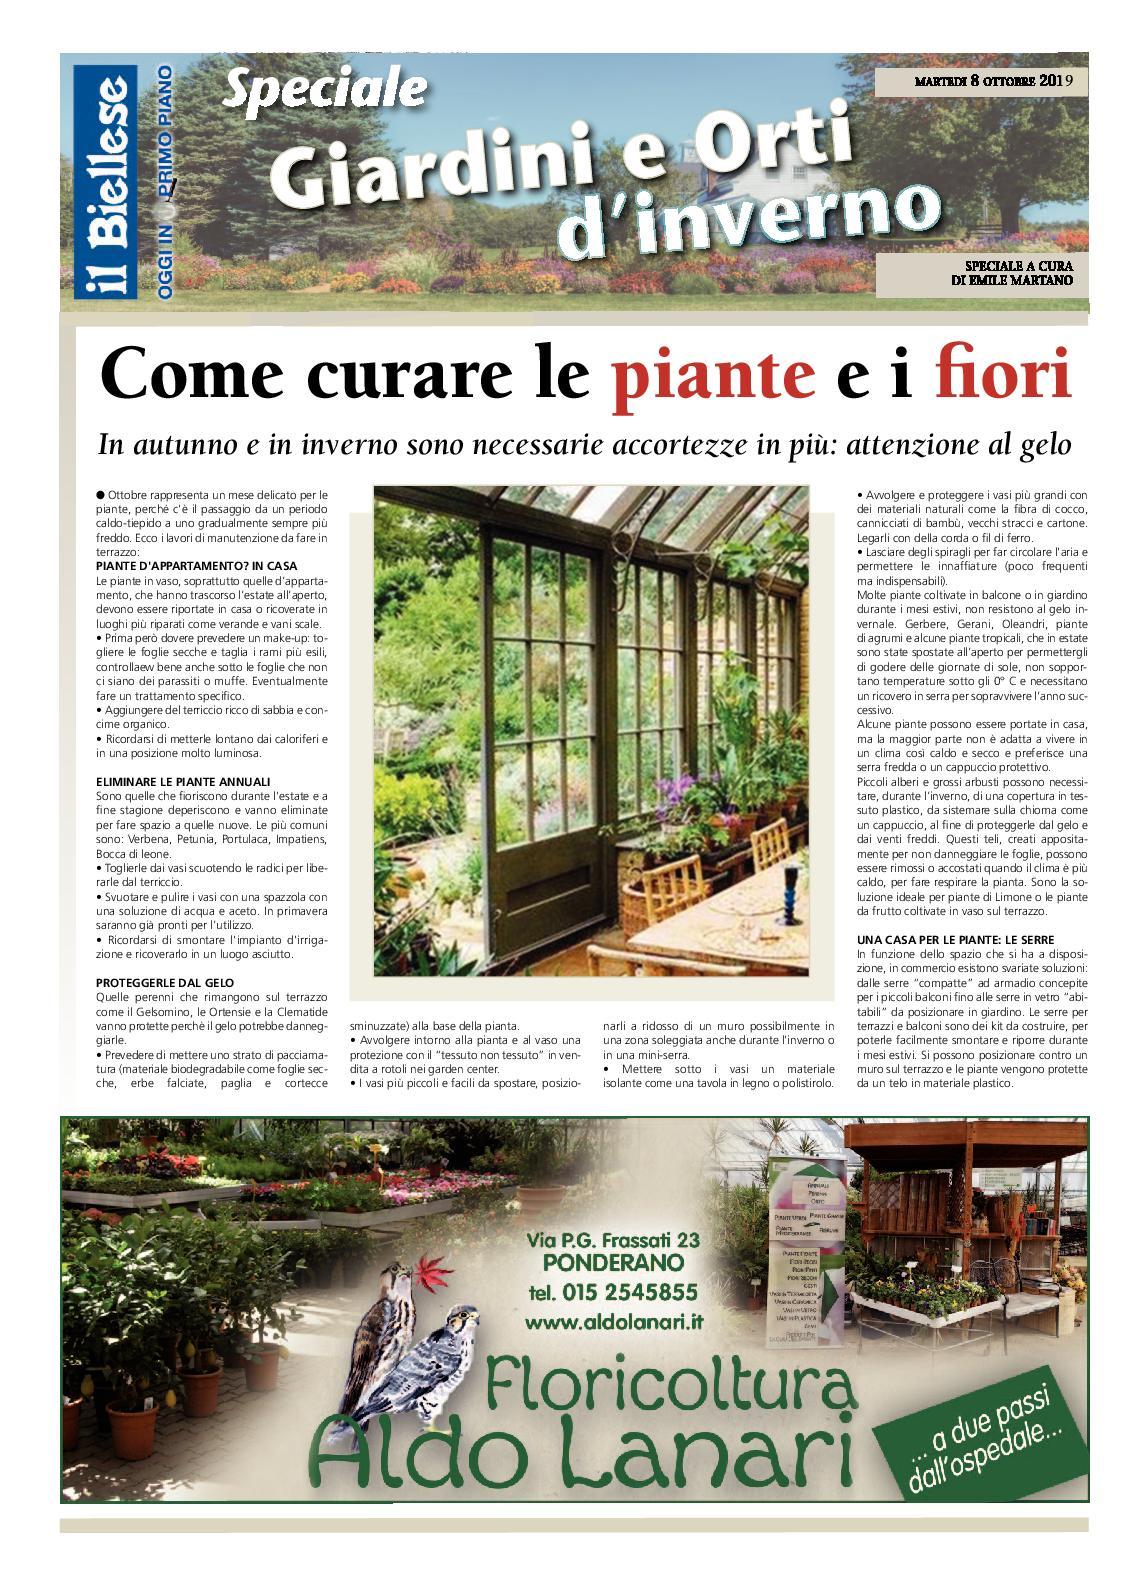 Costruire Una Mini Serra Riscaldata calaméo - giardini e orti d'inverno 8/10/2019